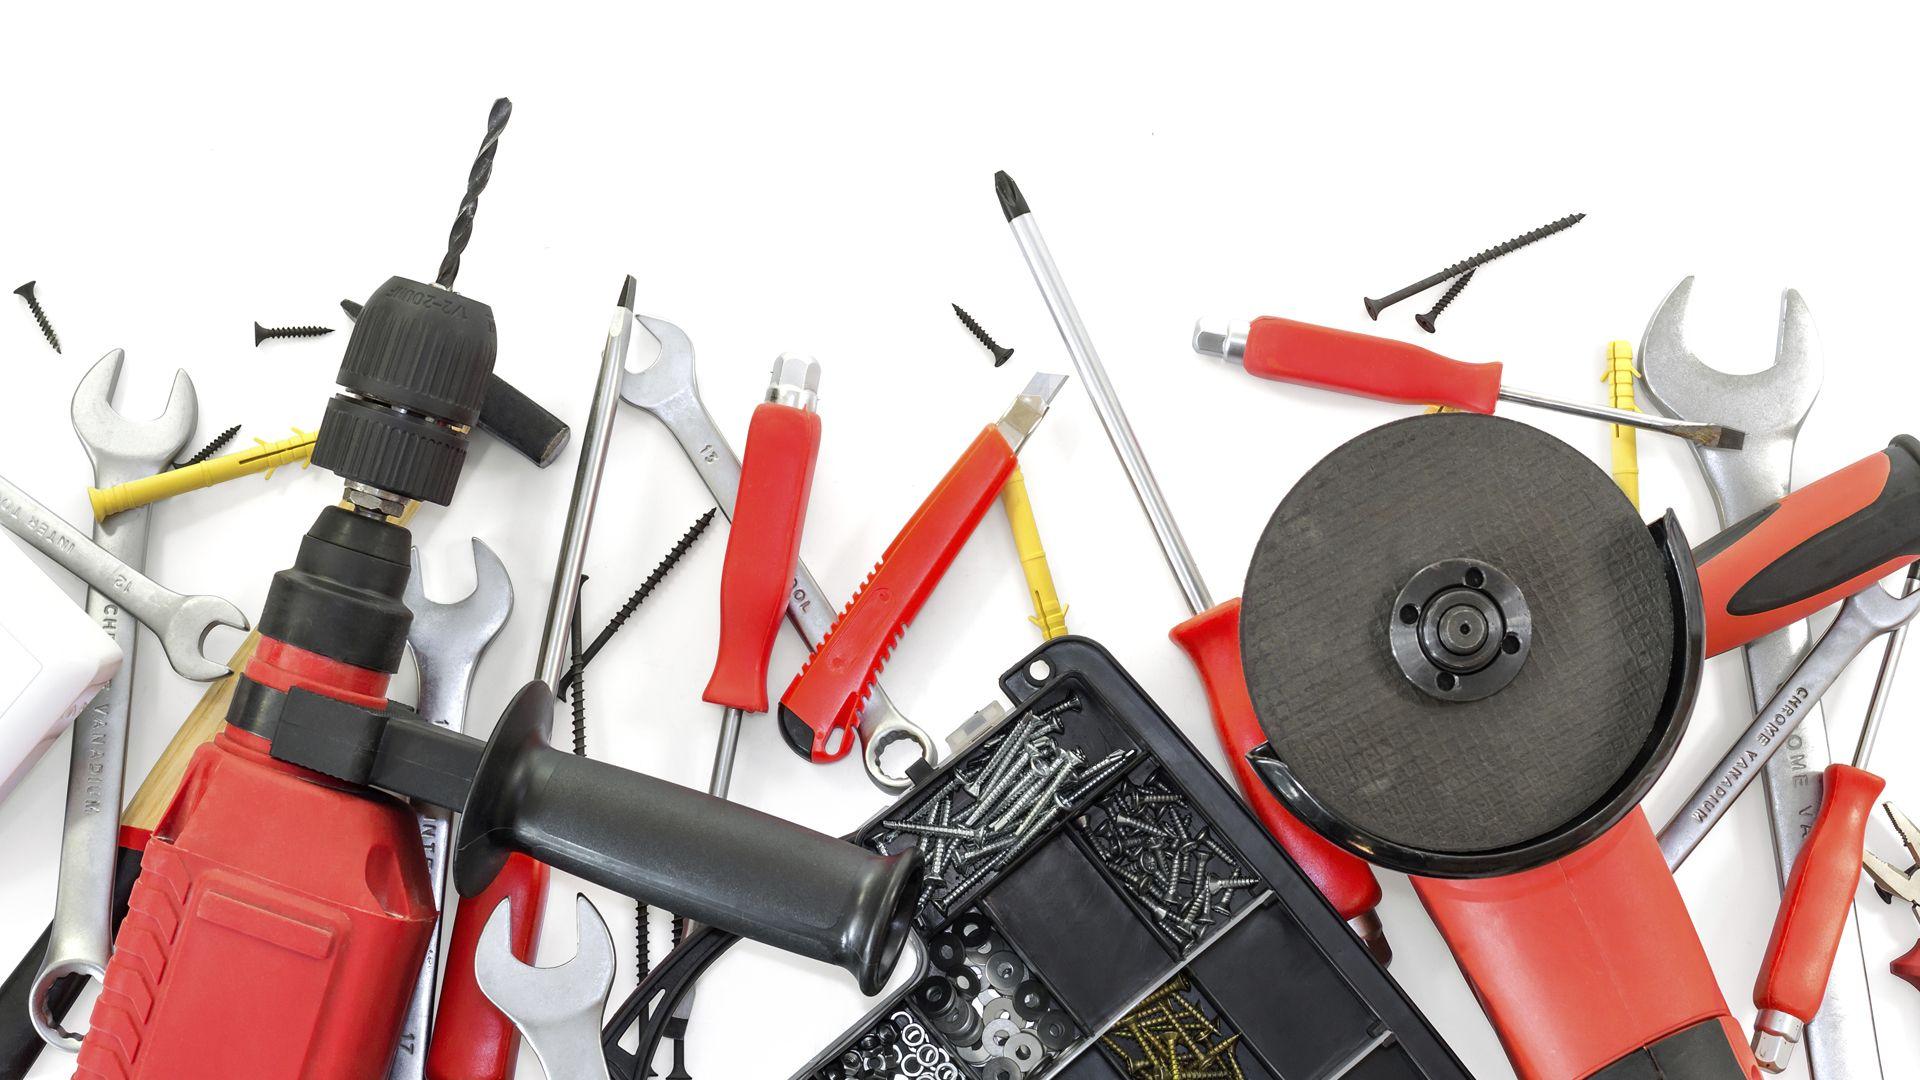 Alquiler y venta de máquinas para trabajar